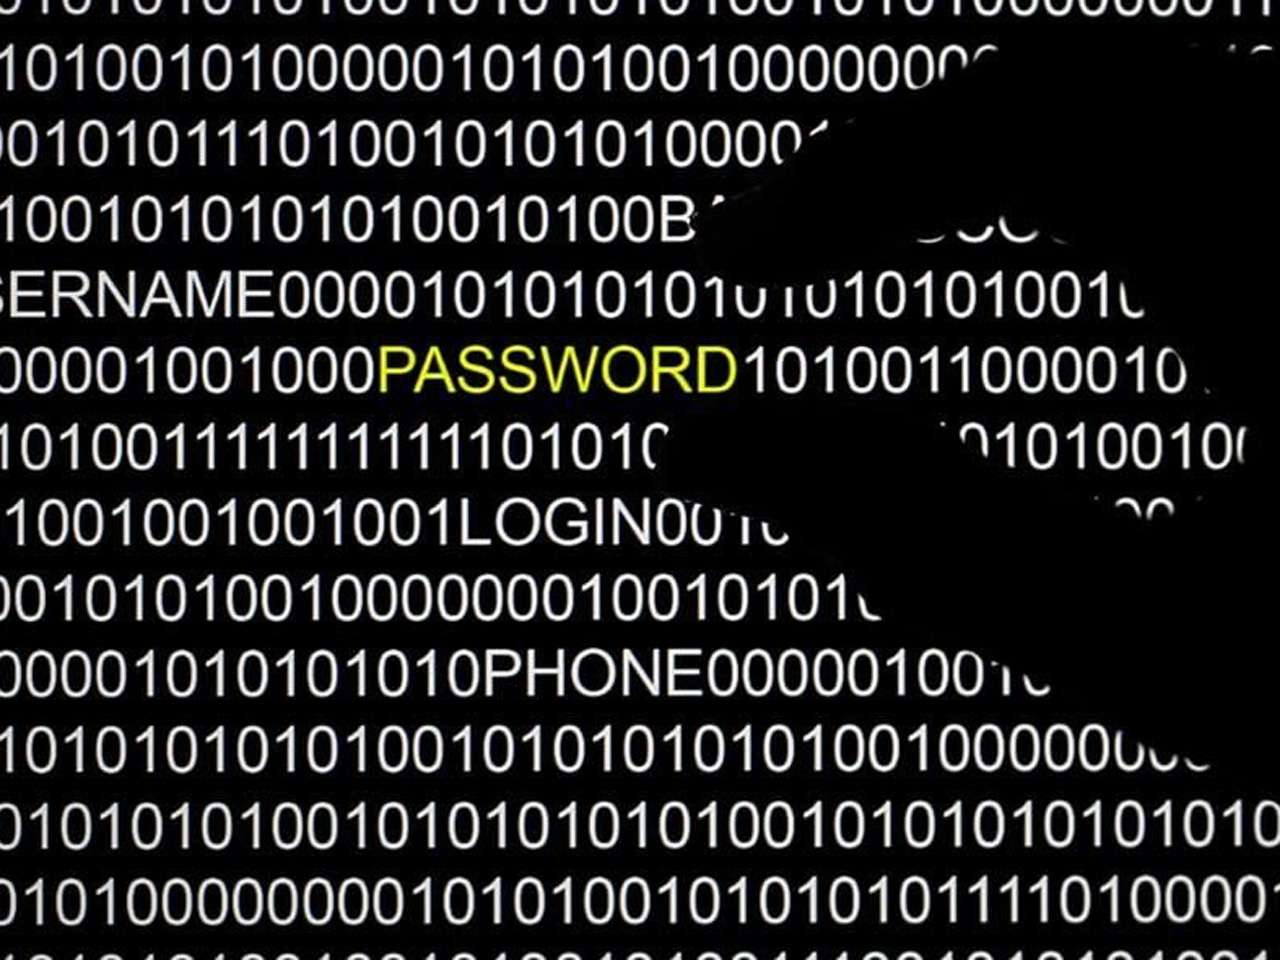 """El grupo hacker se llama """"Amenaza Persistente Avanzada"""" (APT-1) Foto: Reuters en español"""